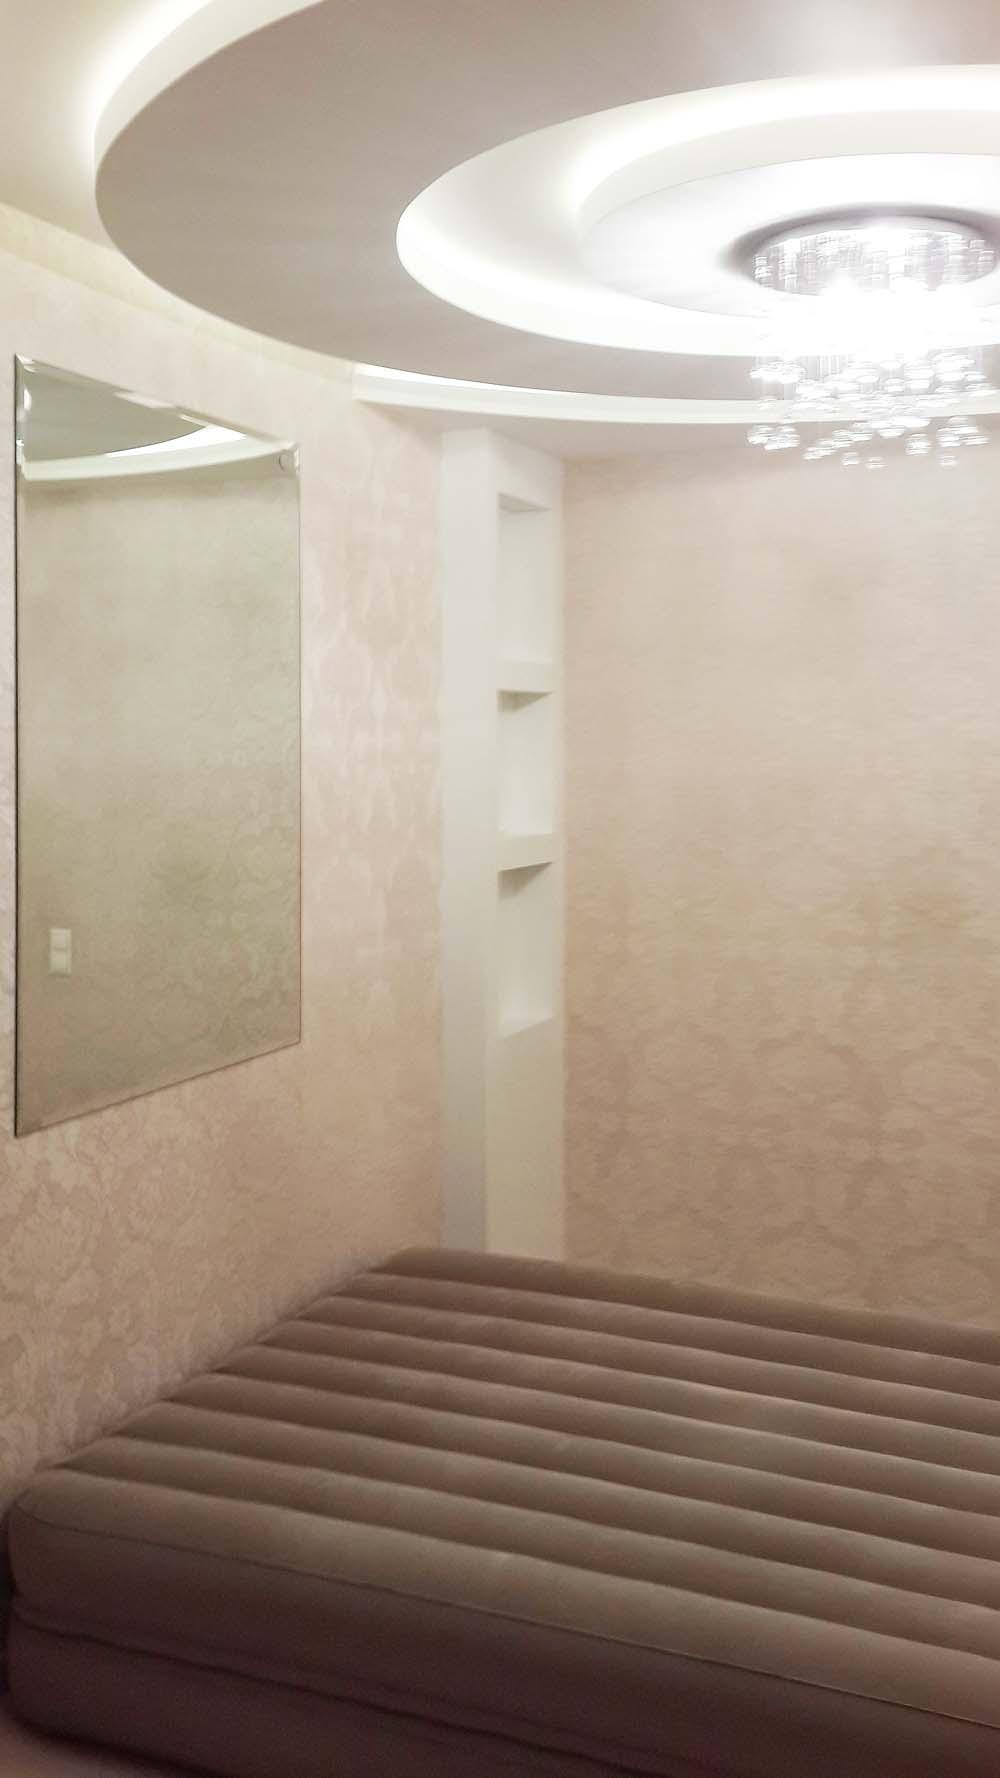 Ремонт квартир - купить в Москве, цена 4000 руб за м